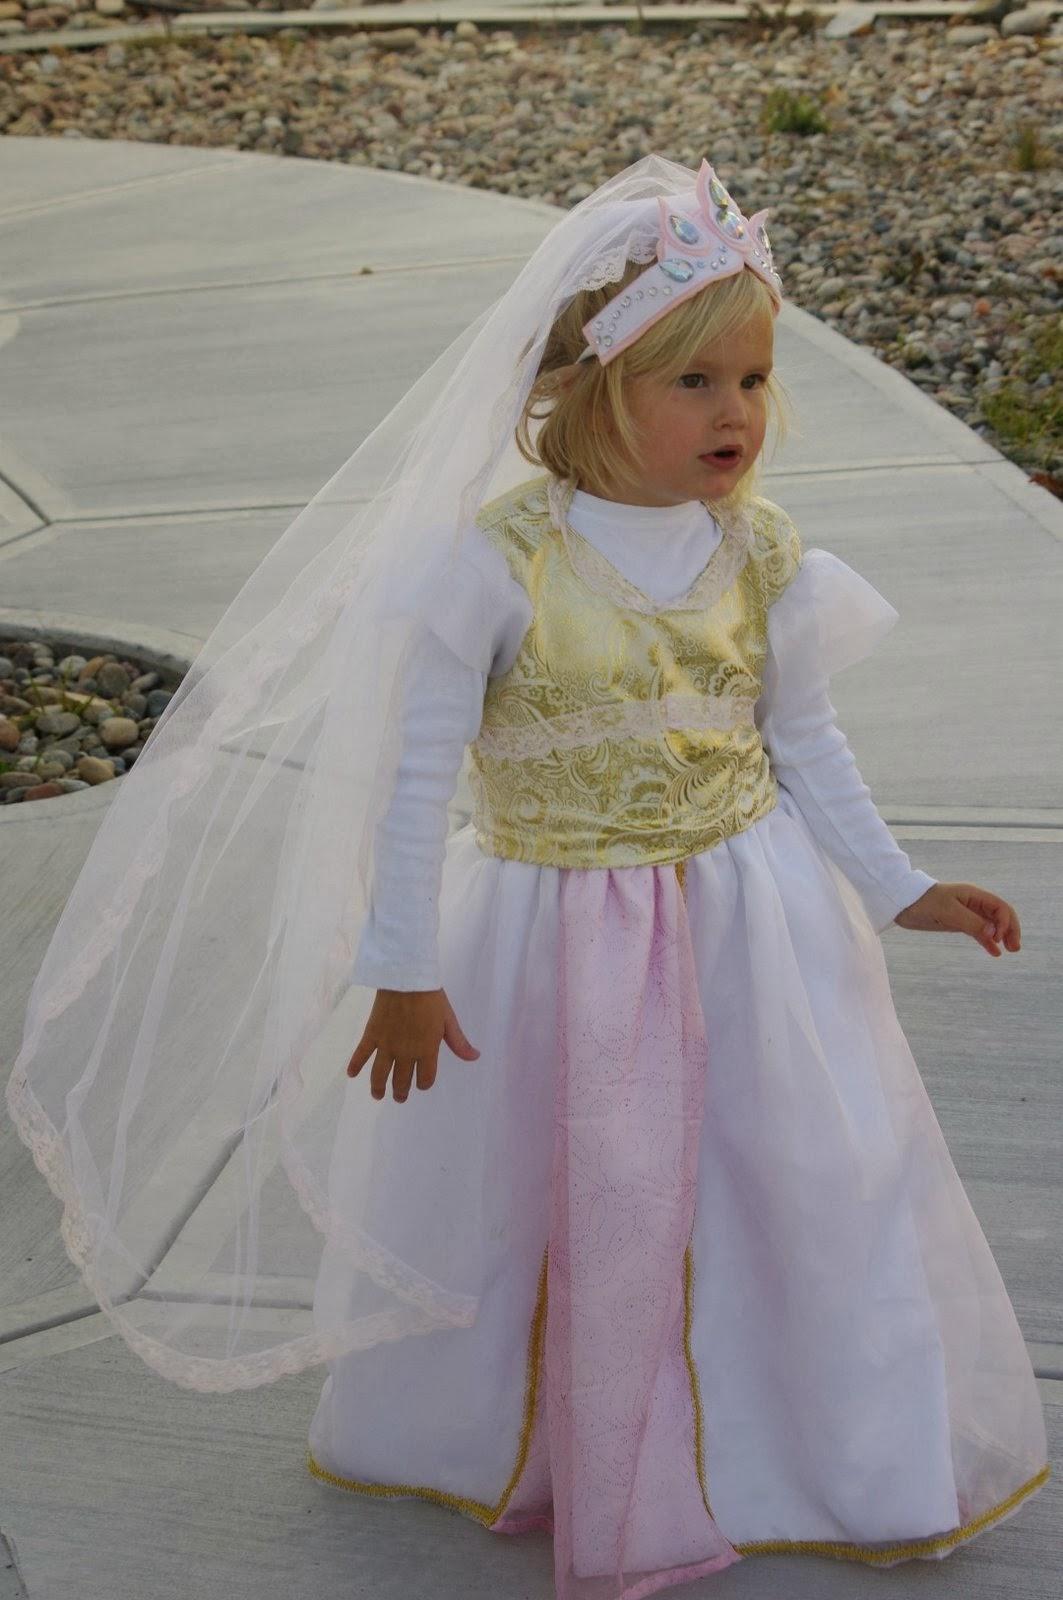 Princess Rapunzelu0027s Wedding Dress Halloween Costume  sc 1 st  the Princess and the Pea & the Princess and the Pea: Princess Rapunzelu0027s Wedding Dress ...